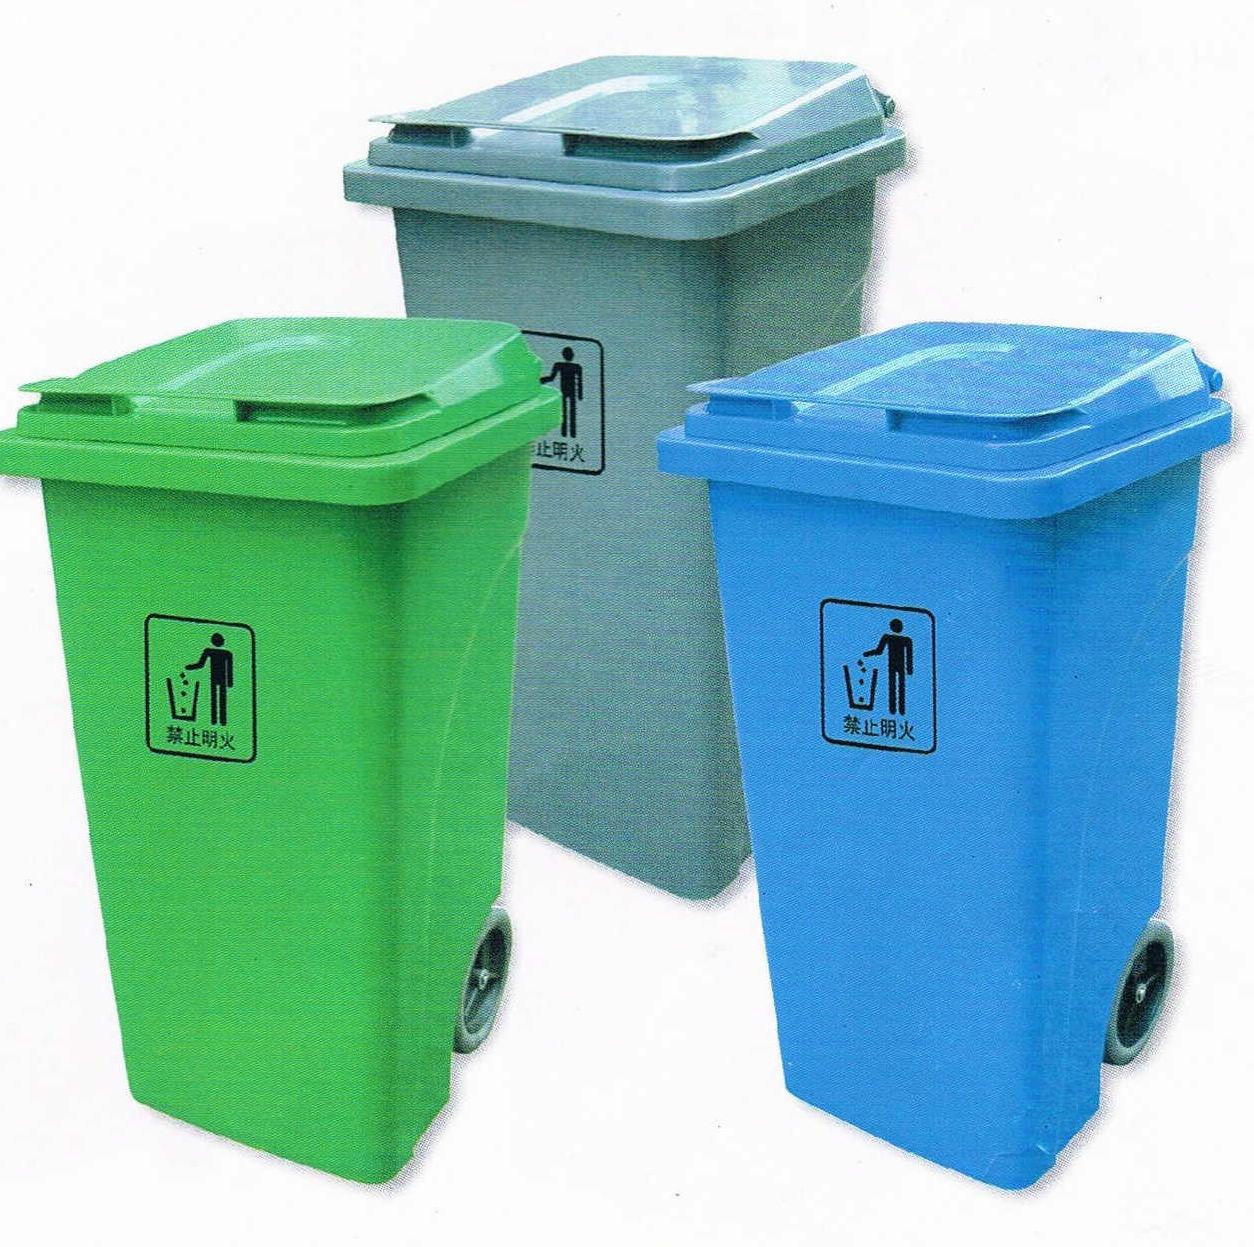 有辘塑胶垃圾桶240升 af07306